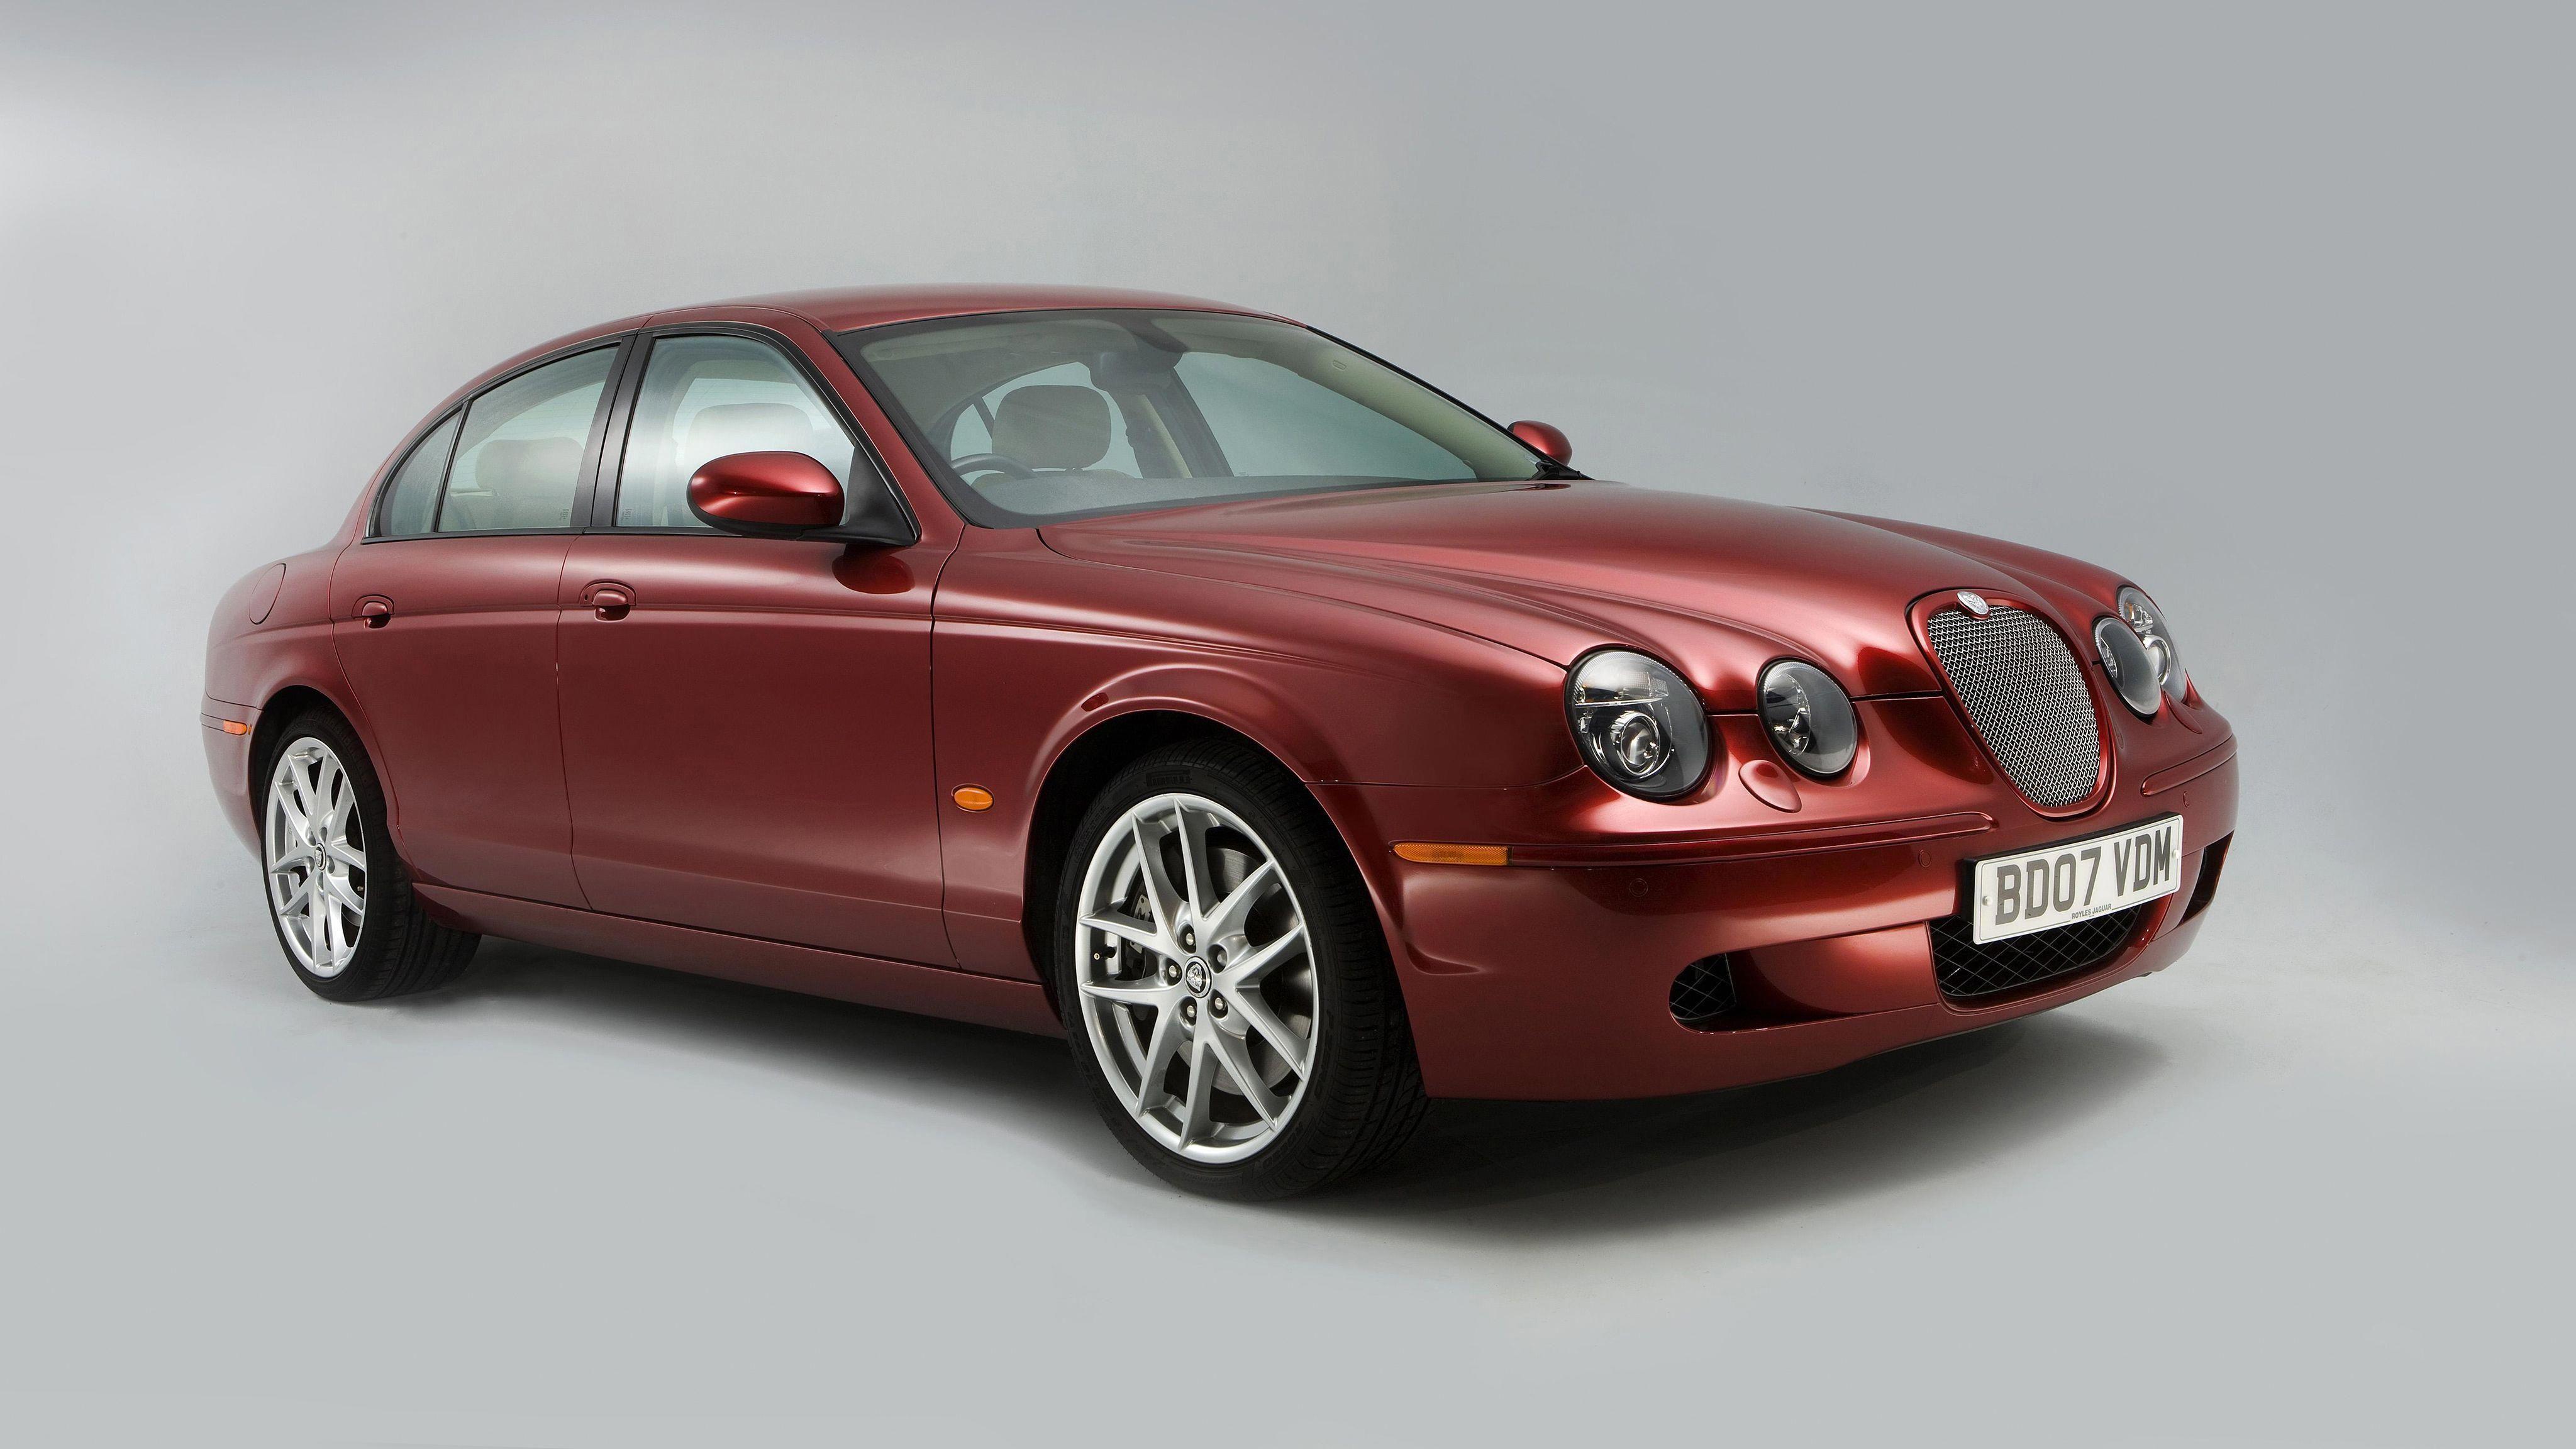 2002-08 Jaguar S-Type R   Voitures classiques, Voiture, Classique